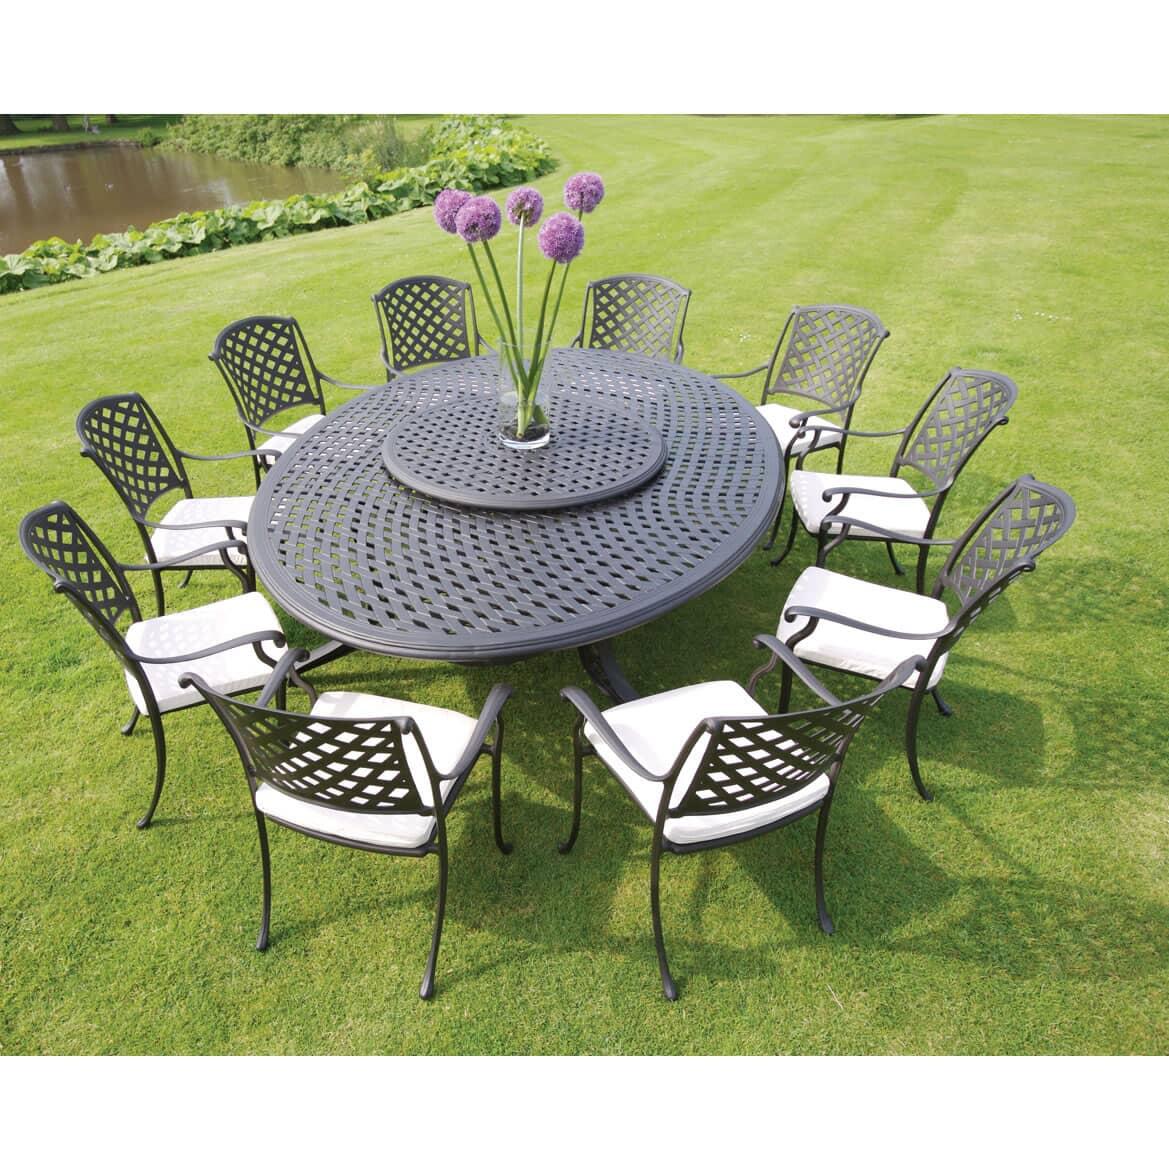 bramblecrest milan oval 10 seater set bmilset01a. Black Bedroom Furniture Sets. Home Design Ideas